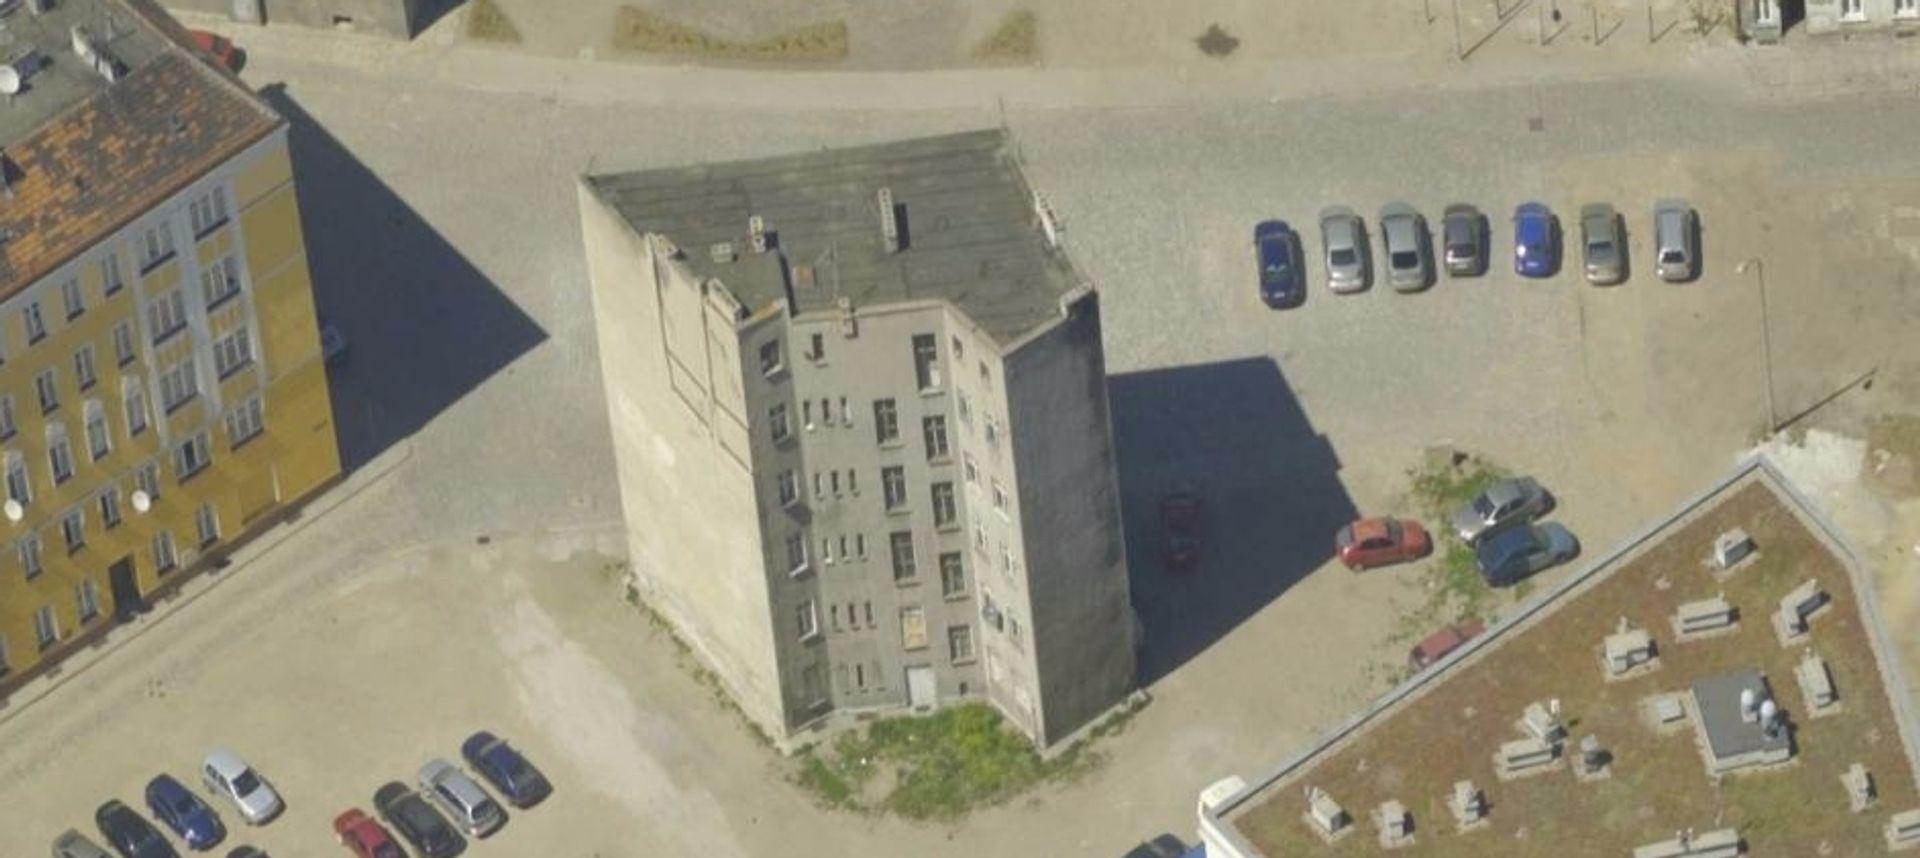 [Wrocław] Kamienica, która zagrała u Spielberga, sprzedana. Z ogromną przebitką